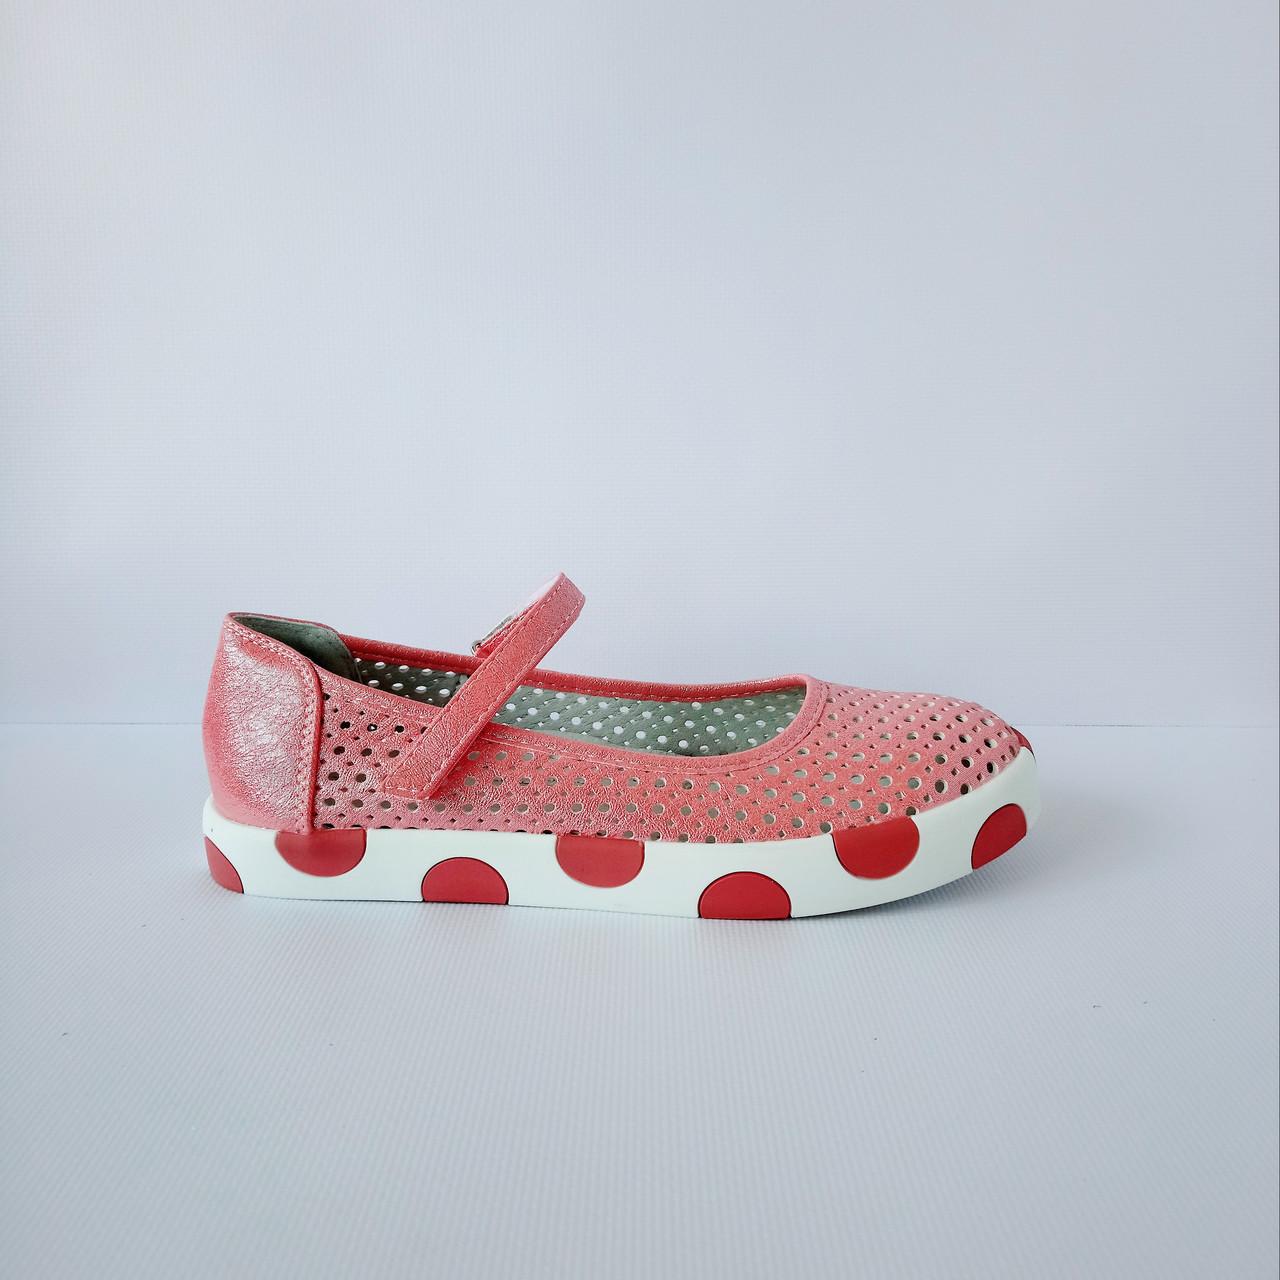 Школьные туфли с перфорацией девочкам, р. 32, 33, 34, 35, 37 Сменка.